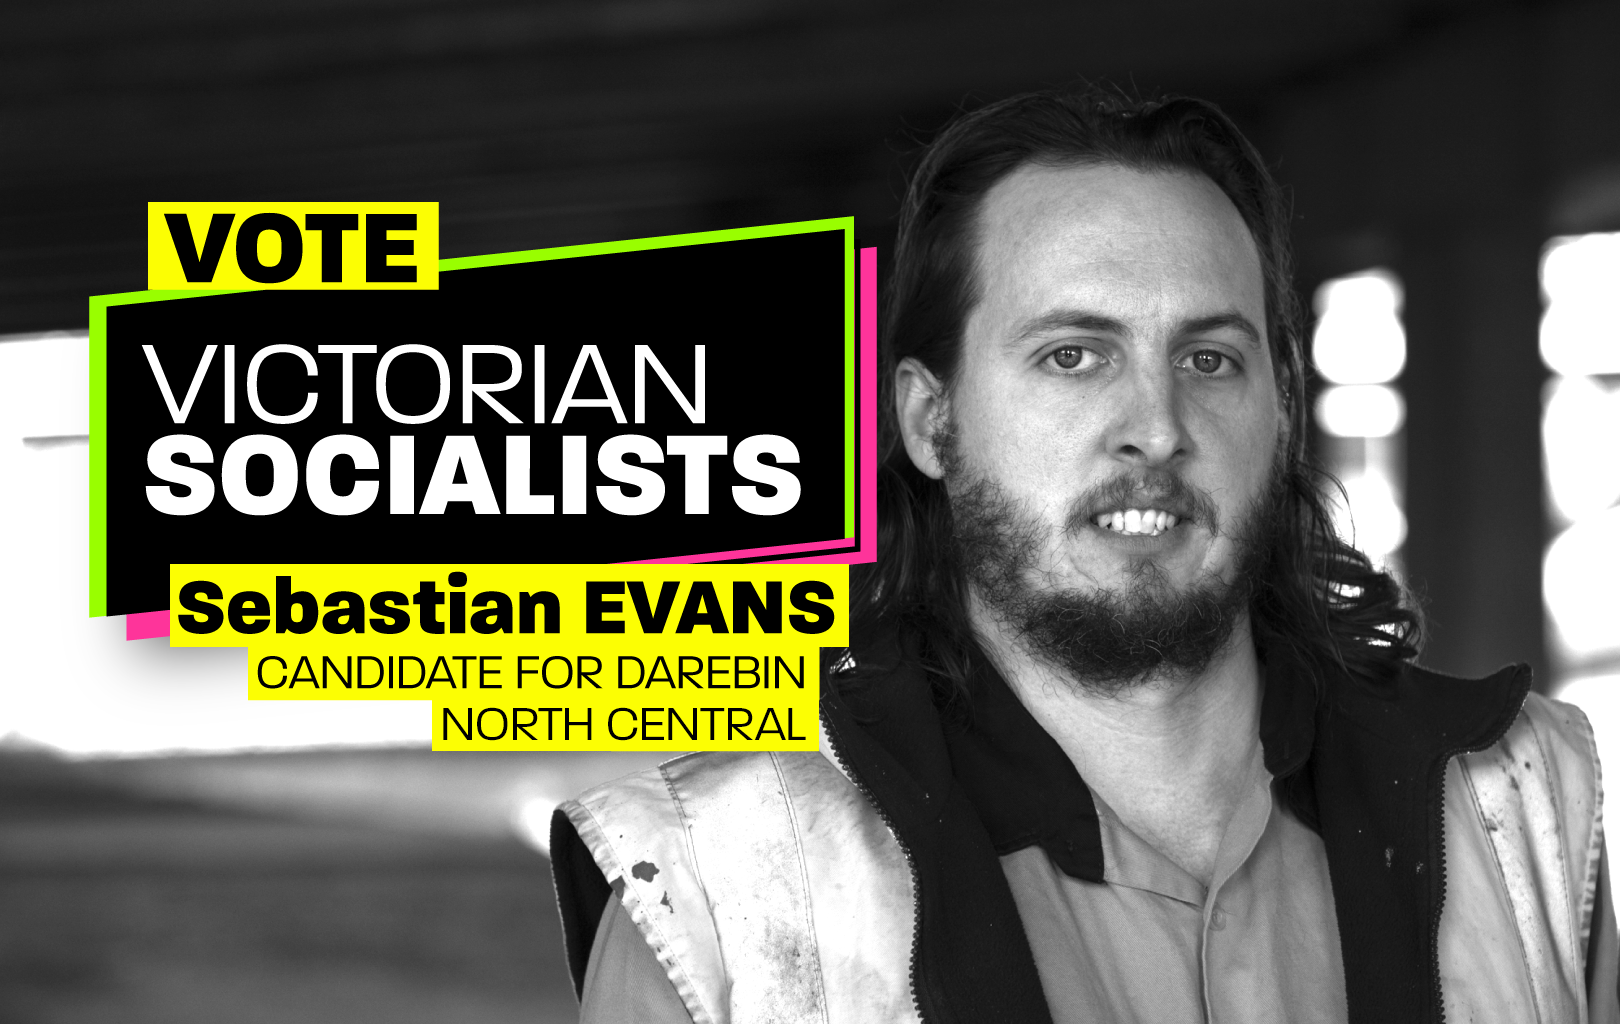 Sebastian Evans